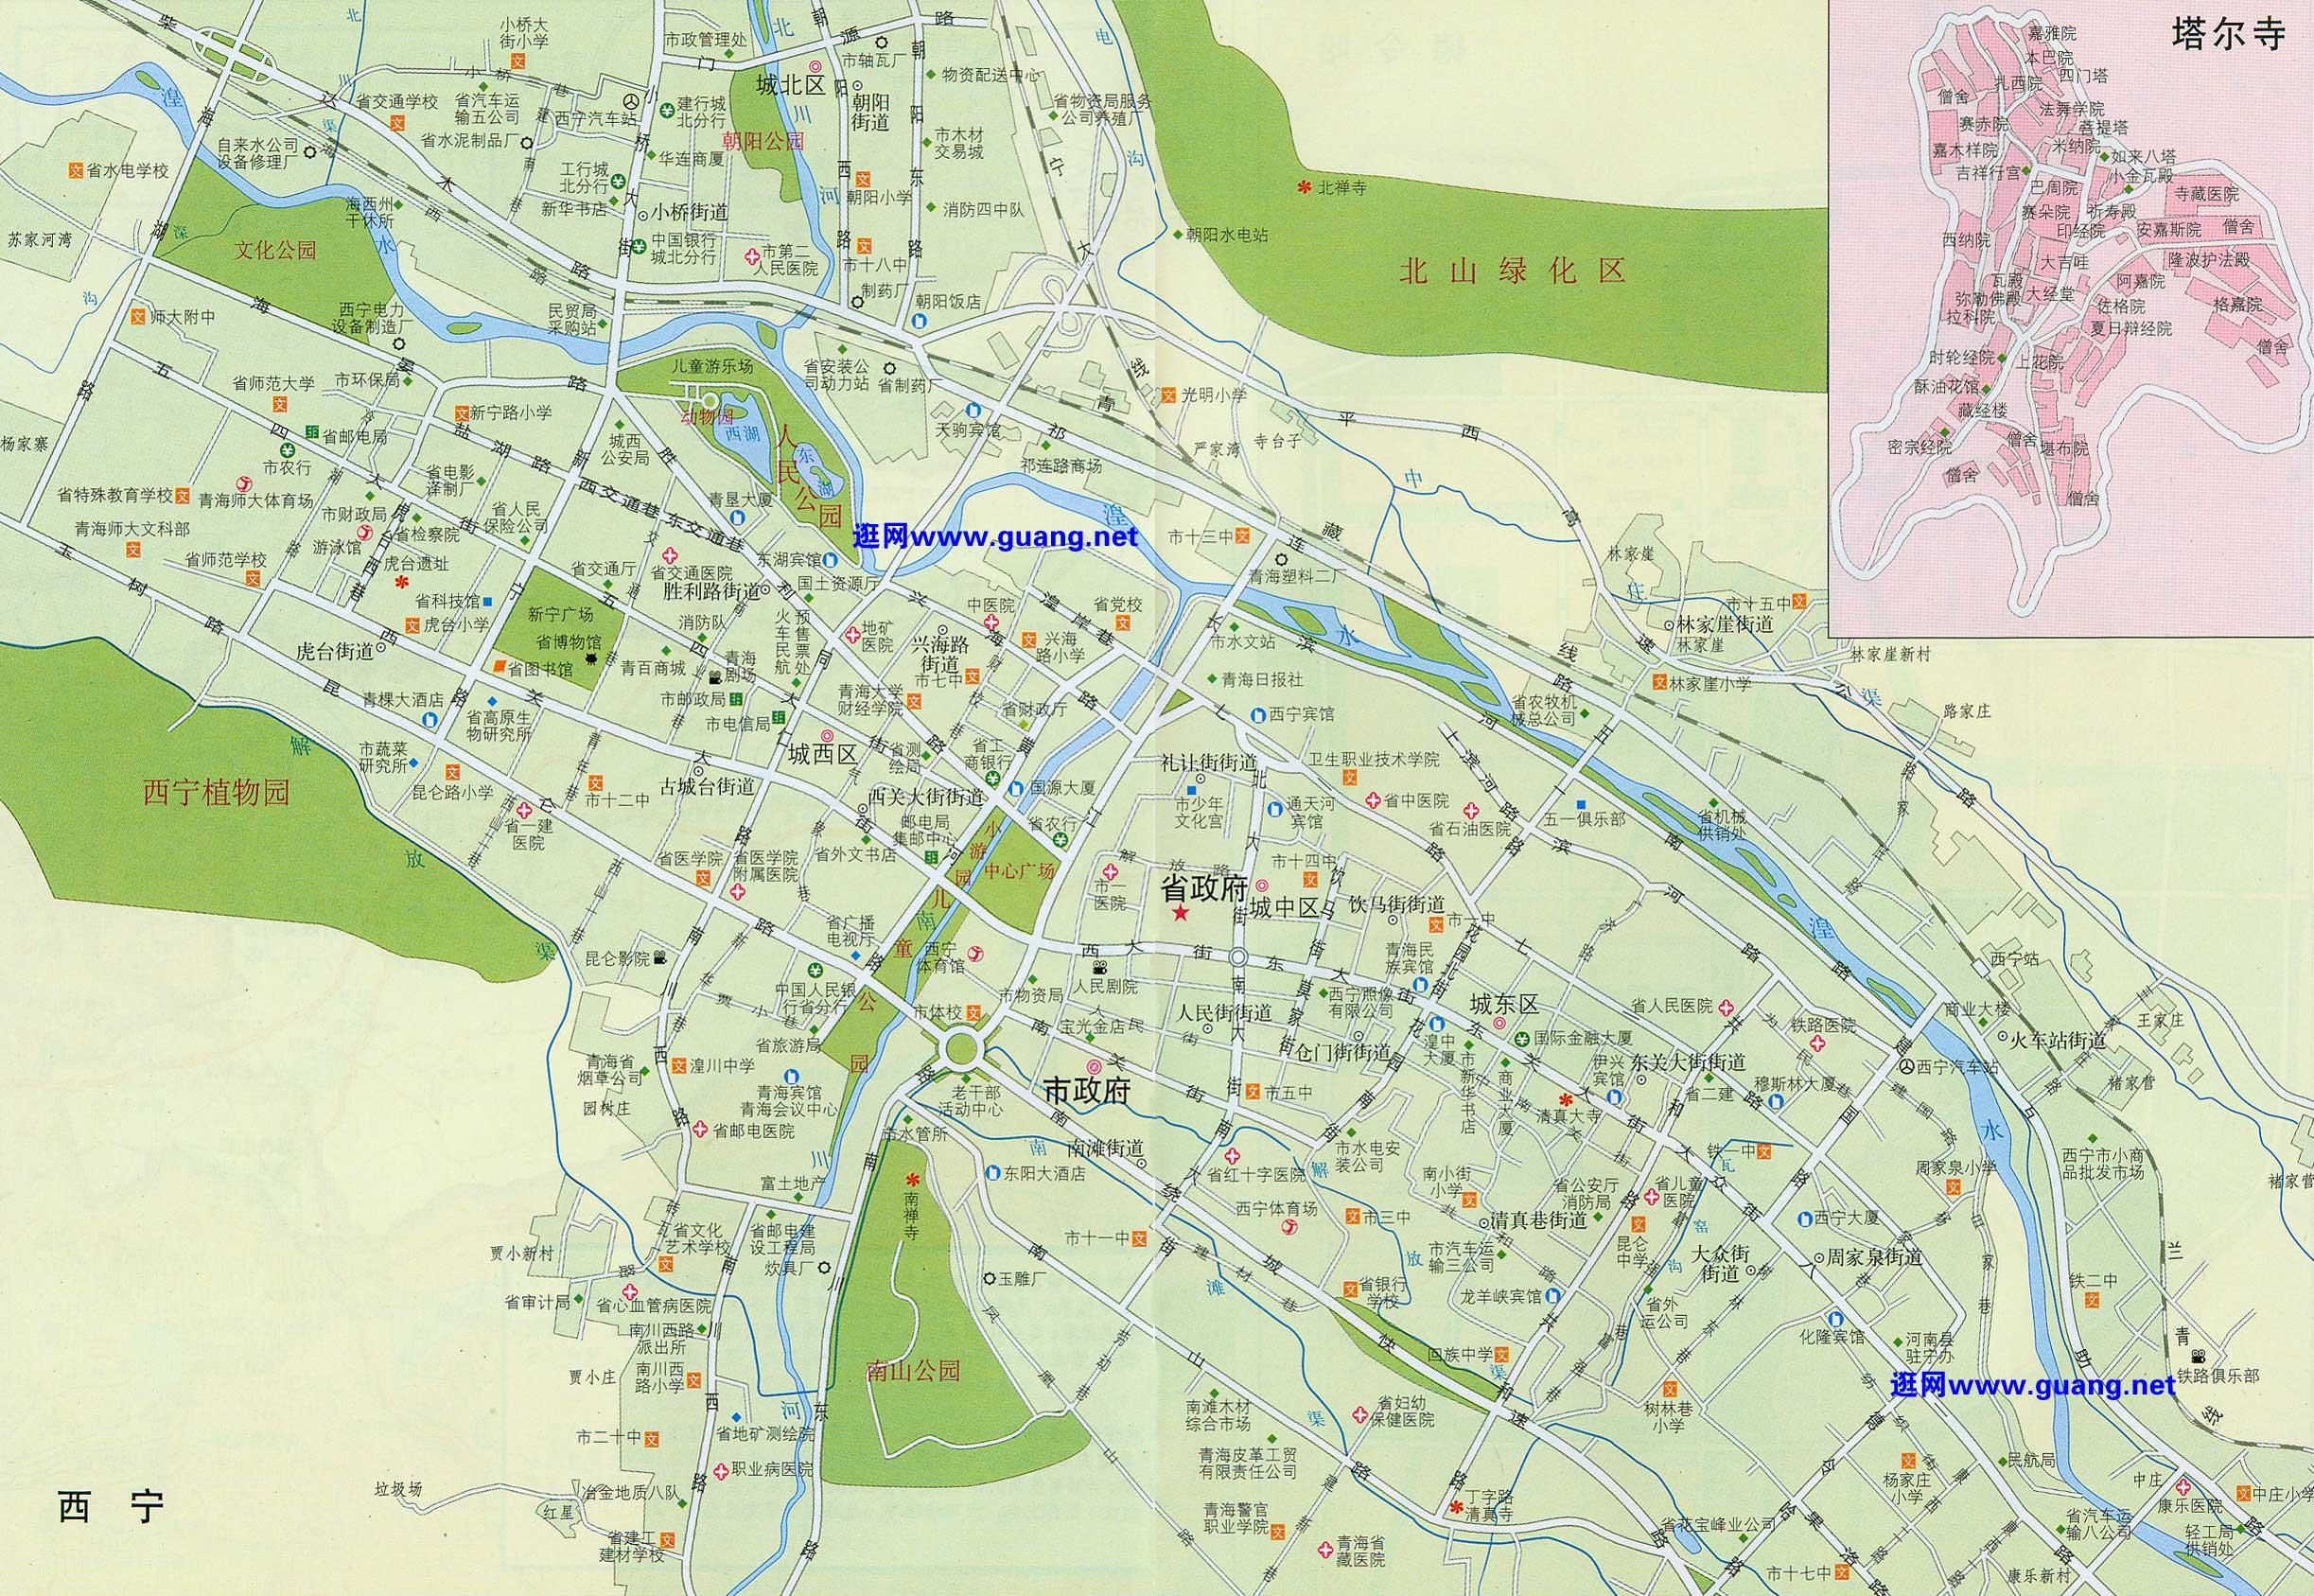 西宁市地图高清版高清版大地图